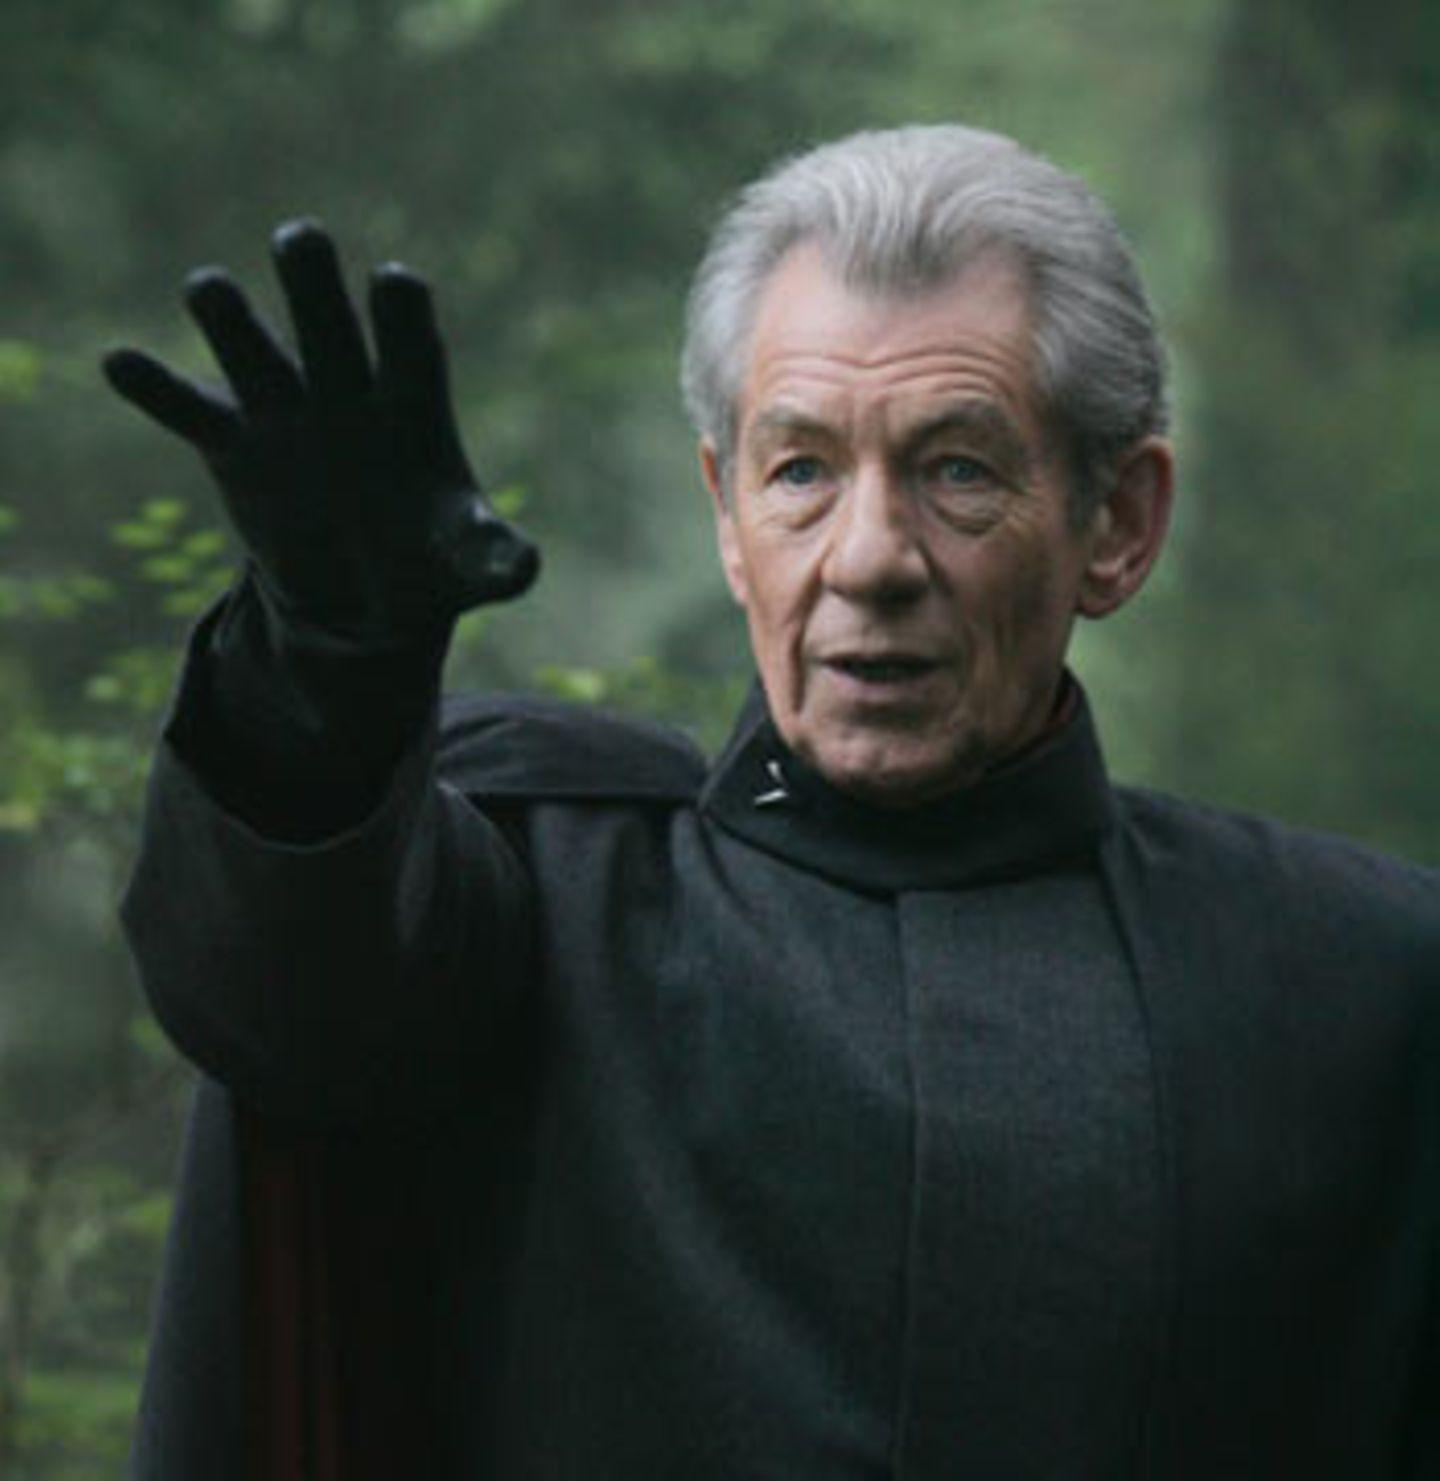 """Der böse Bube: Magneto (Sir Ian McKellen). Er führt die """"Bruderschaft der Mutanten"""" und verachtet Menschen. Erklärter Lieblingscharakter von Regisseur Brett Ratner. Vielleicht wirkt es deshalb so, als ob McKellen an seinen Auftritten im Film am meisten Spaß hat"""